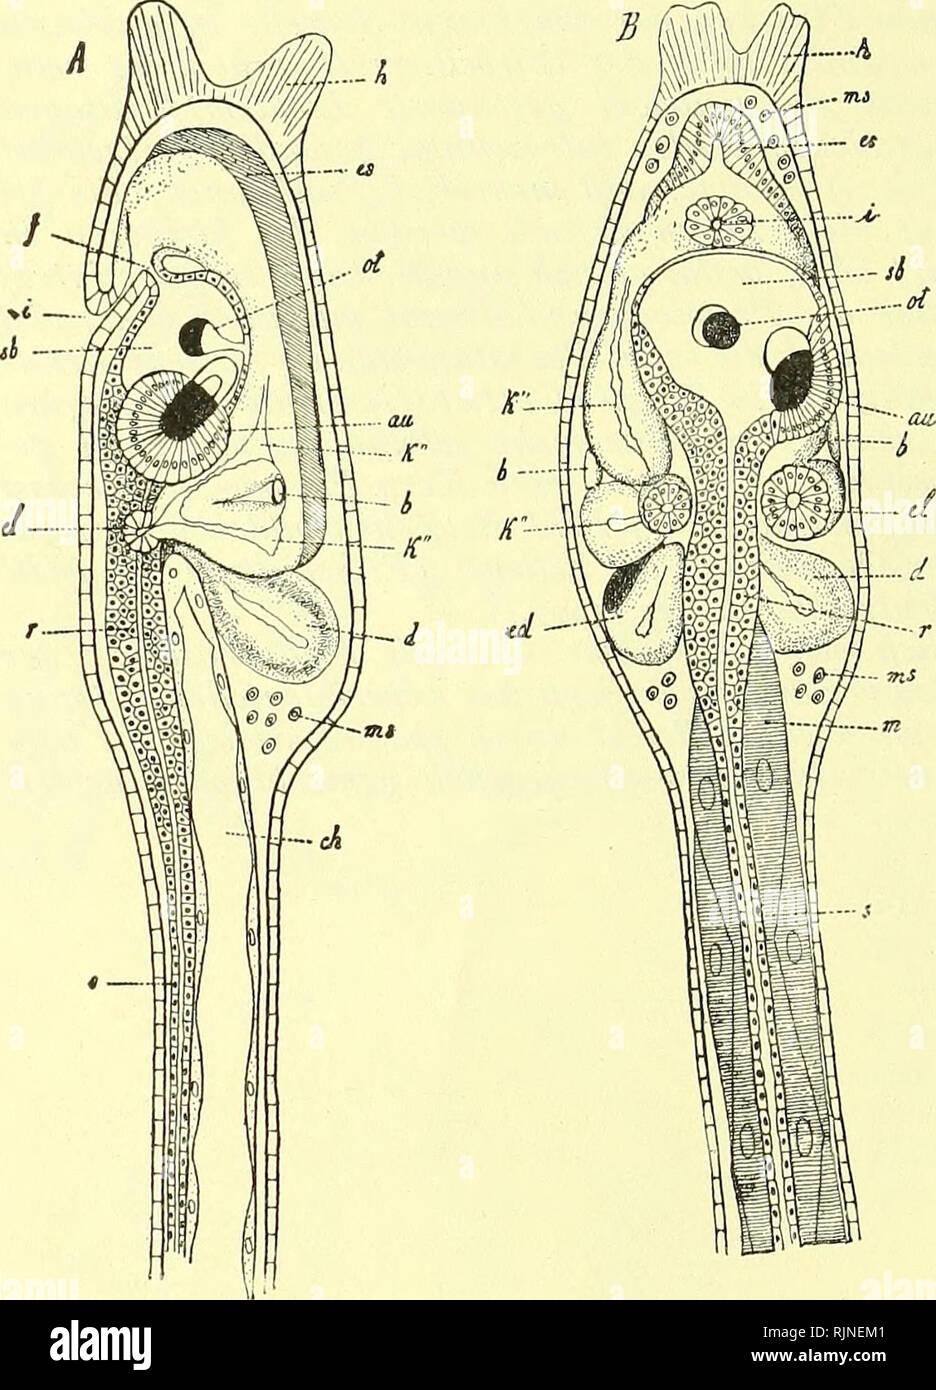 . Lehrbuch der Vergleichenden Mikroskopischen Anatomie der Wirbeltiere [electronic resource]. Vertebrates; Eye; Vertebrates; Eye. II. Die typischen Wirbeltieraugen. Vorbemerkungen. Wir erwähnten schon im vorigen Abschnitt, in welcher Weise man sich die Entwicklung des paarigen Wirbeltierauges an die Sehorgane von Amphioxus anknüpfend denken kann. Auch sagten wir schon, daß man diese Hypo- these nicht zu wörtlich nehmen wird, im wesent- lichen handelt sichs doch nur darum, daß licht- perzipierende Zellen, ursprüng- lich im Medullar- rohr gelegen, später in einer Vorstülpung des letzteren als Ee - Stock Image